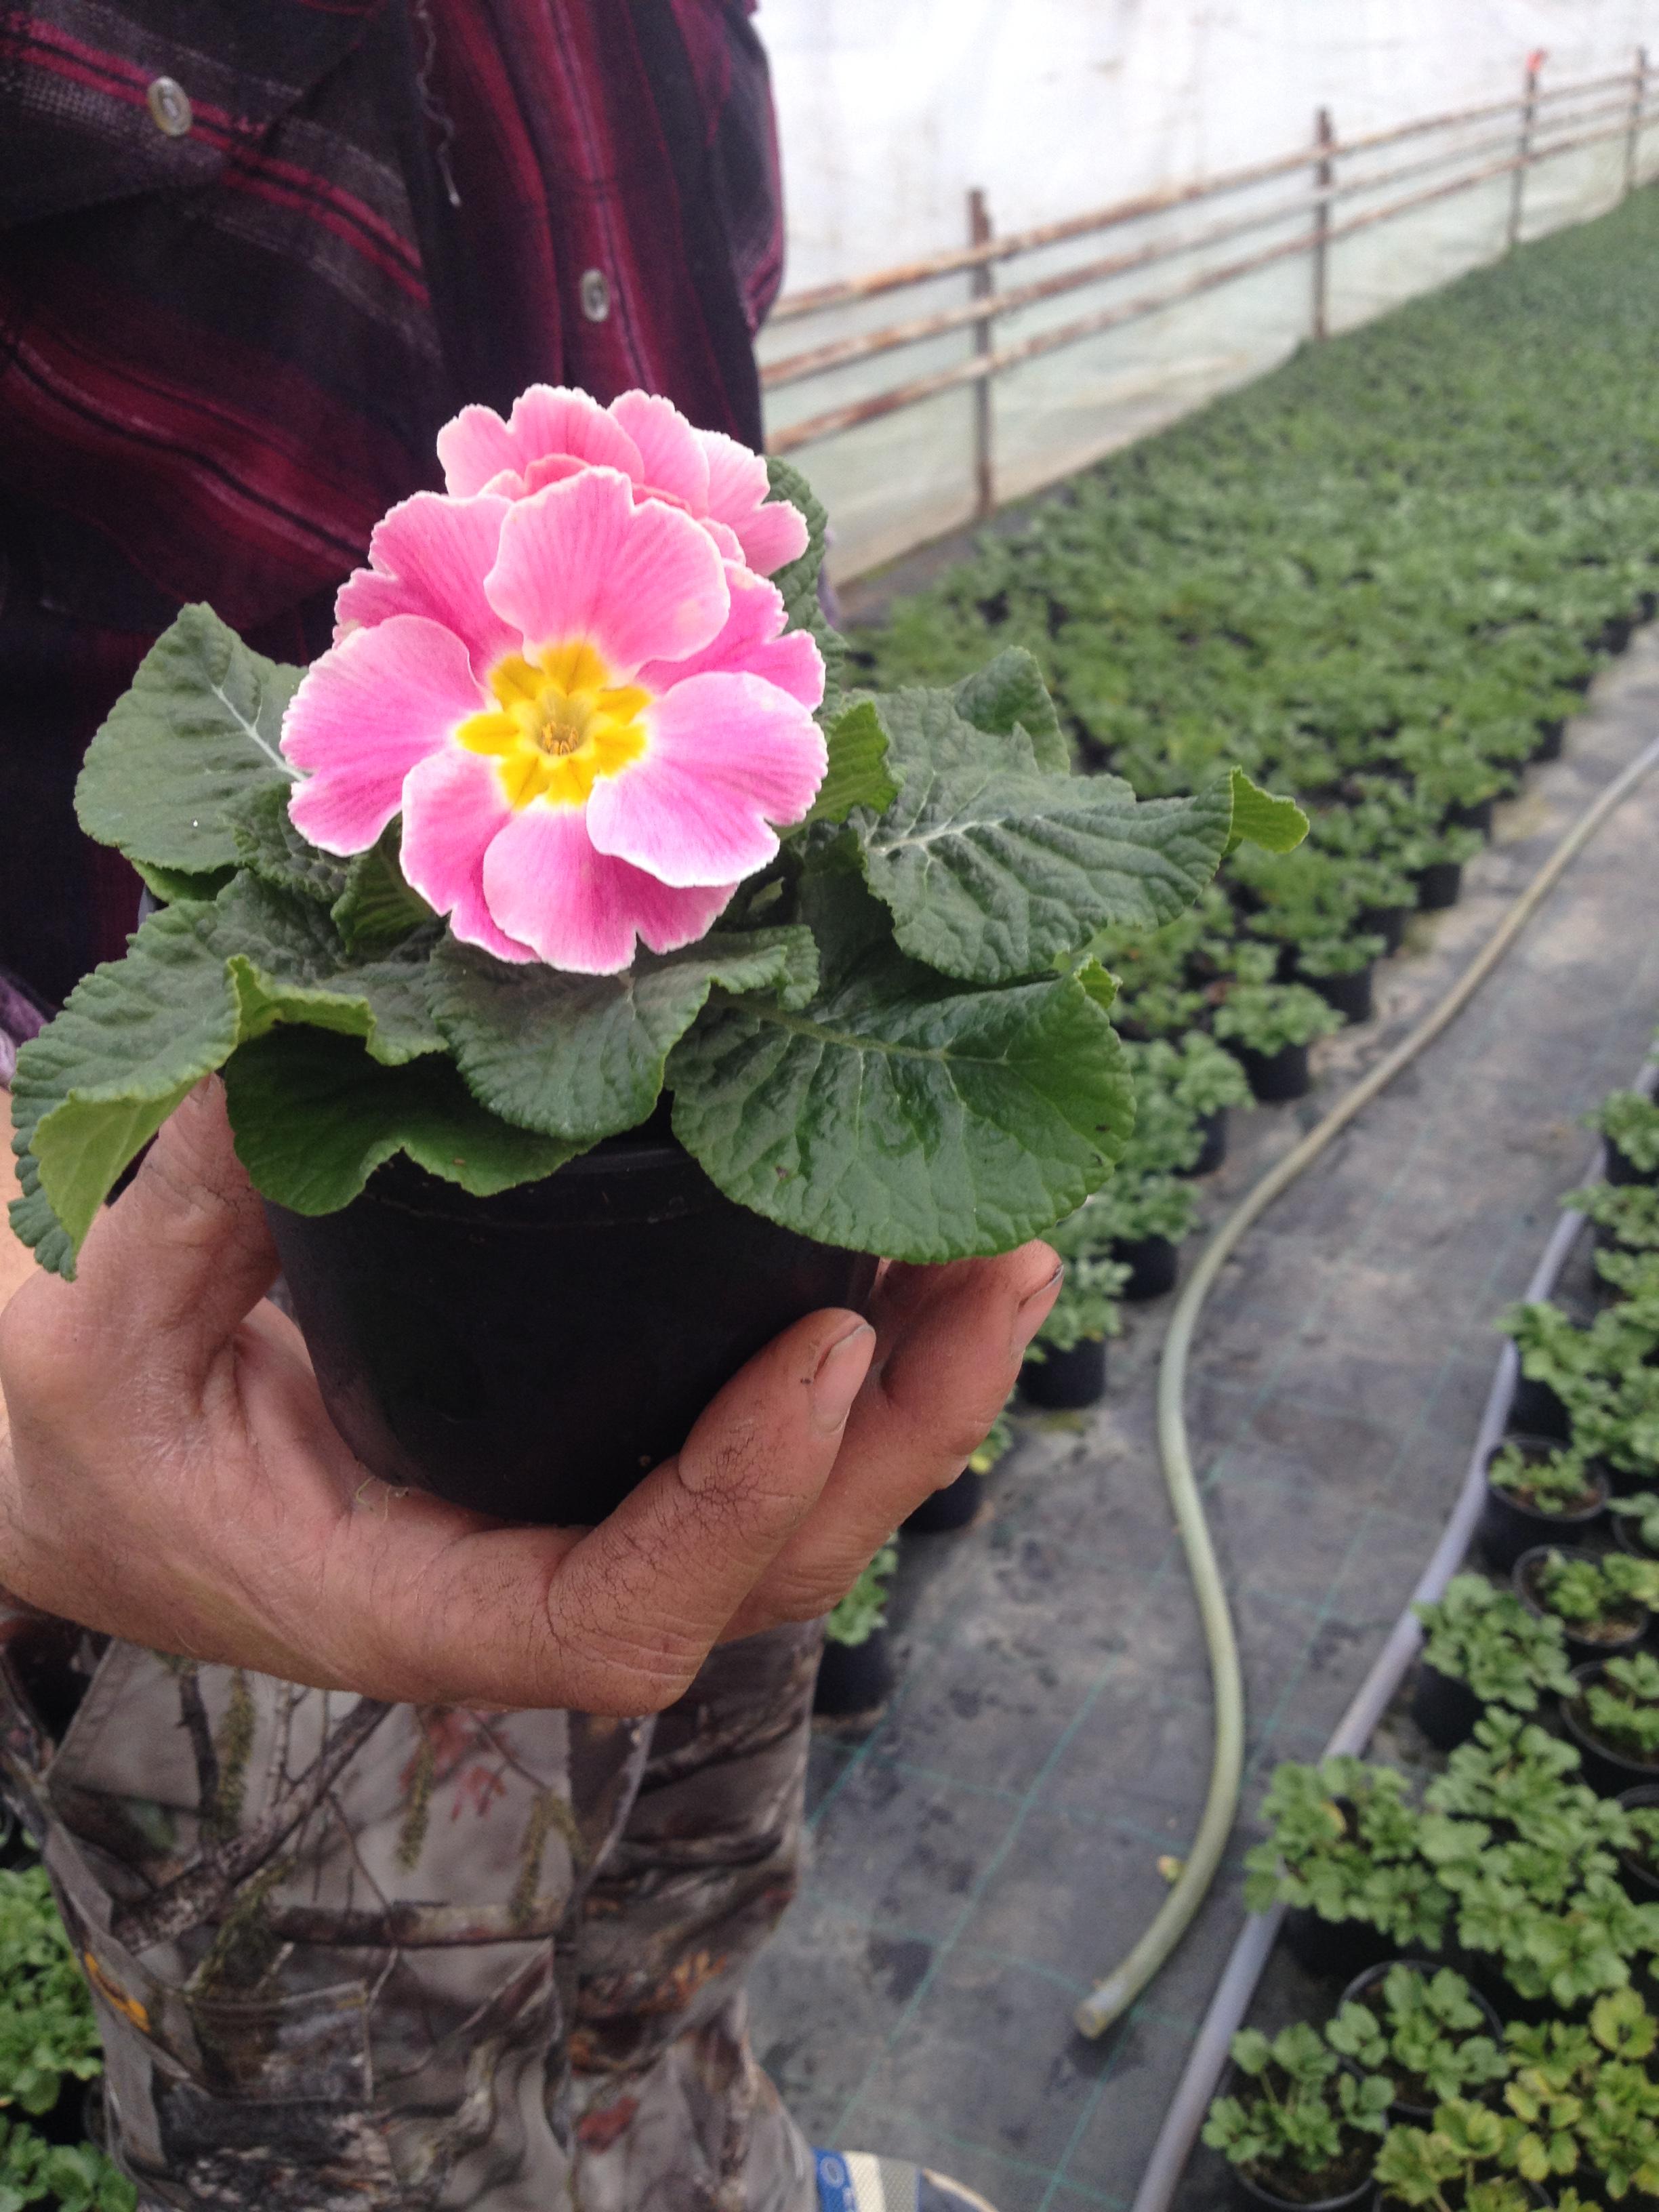 Vine Vine Primăvara In Serele Floricultorului Dan Mihăilescu